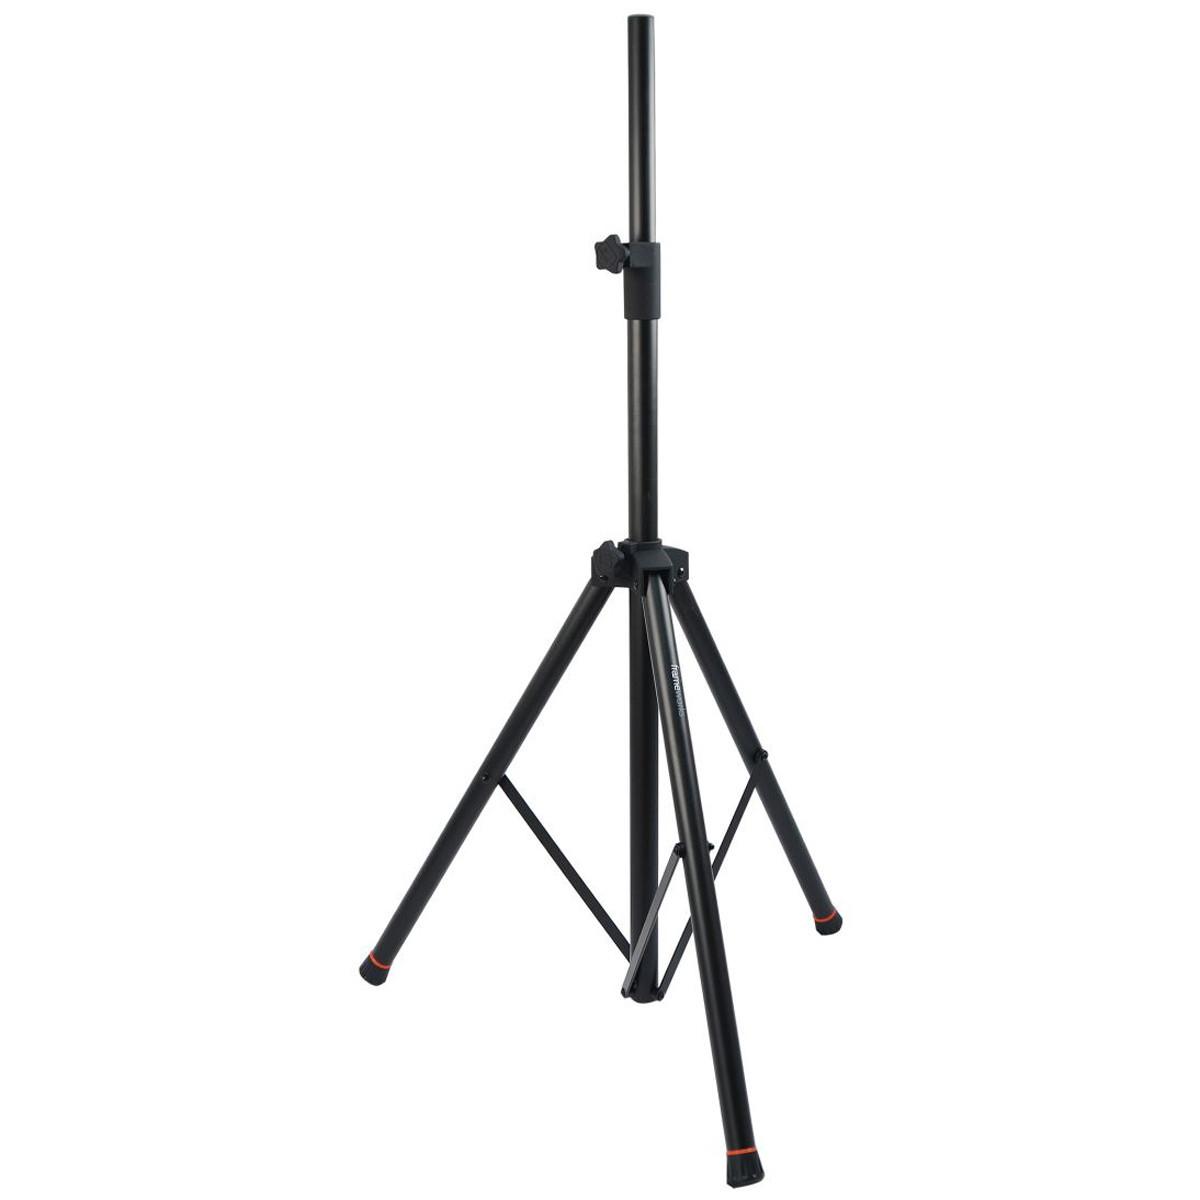 Frameworks GFW-SPK-2000 Standard Aluminum Speaker Stand at